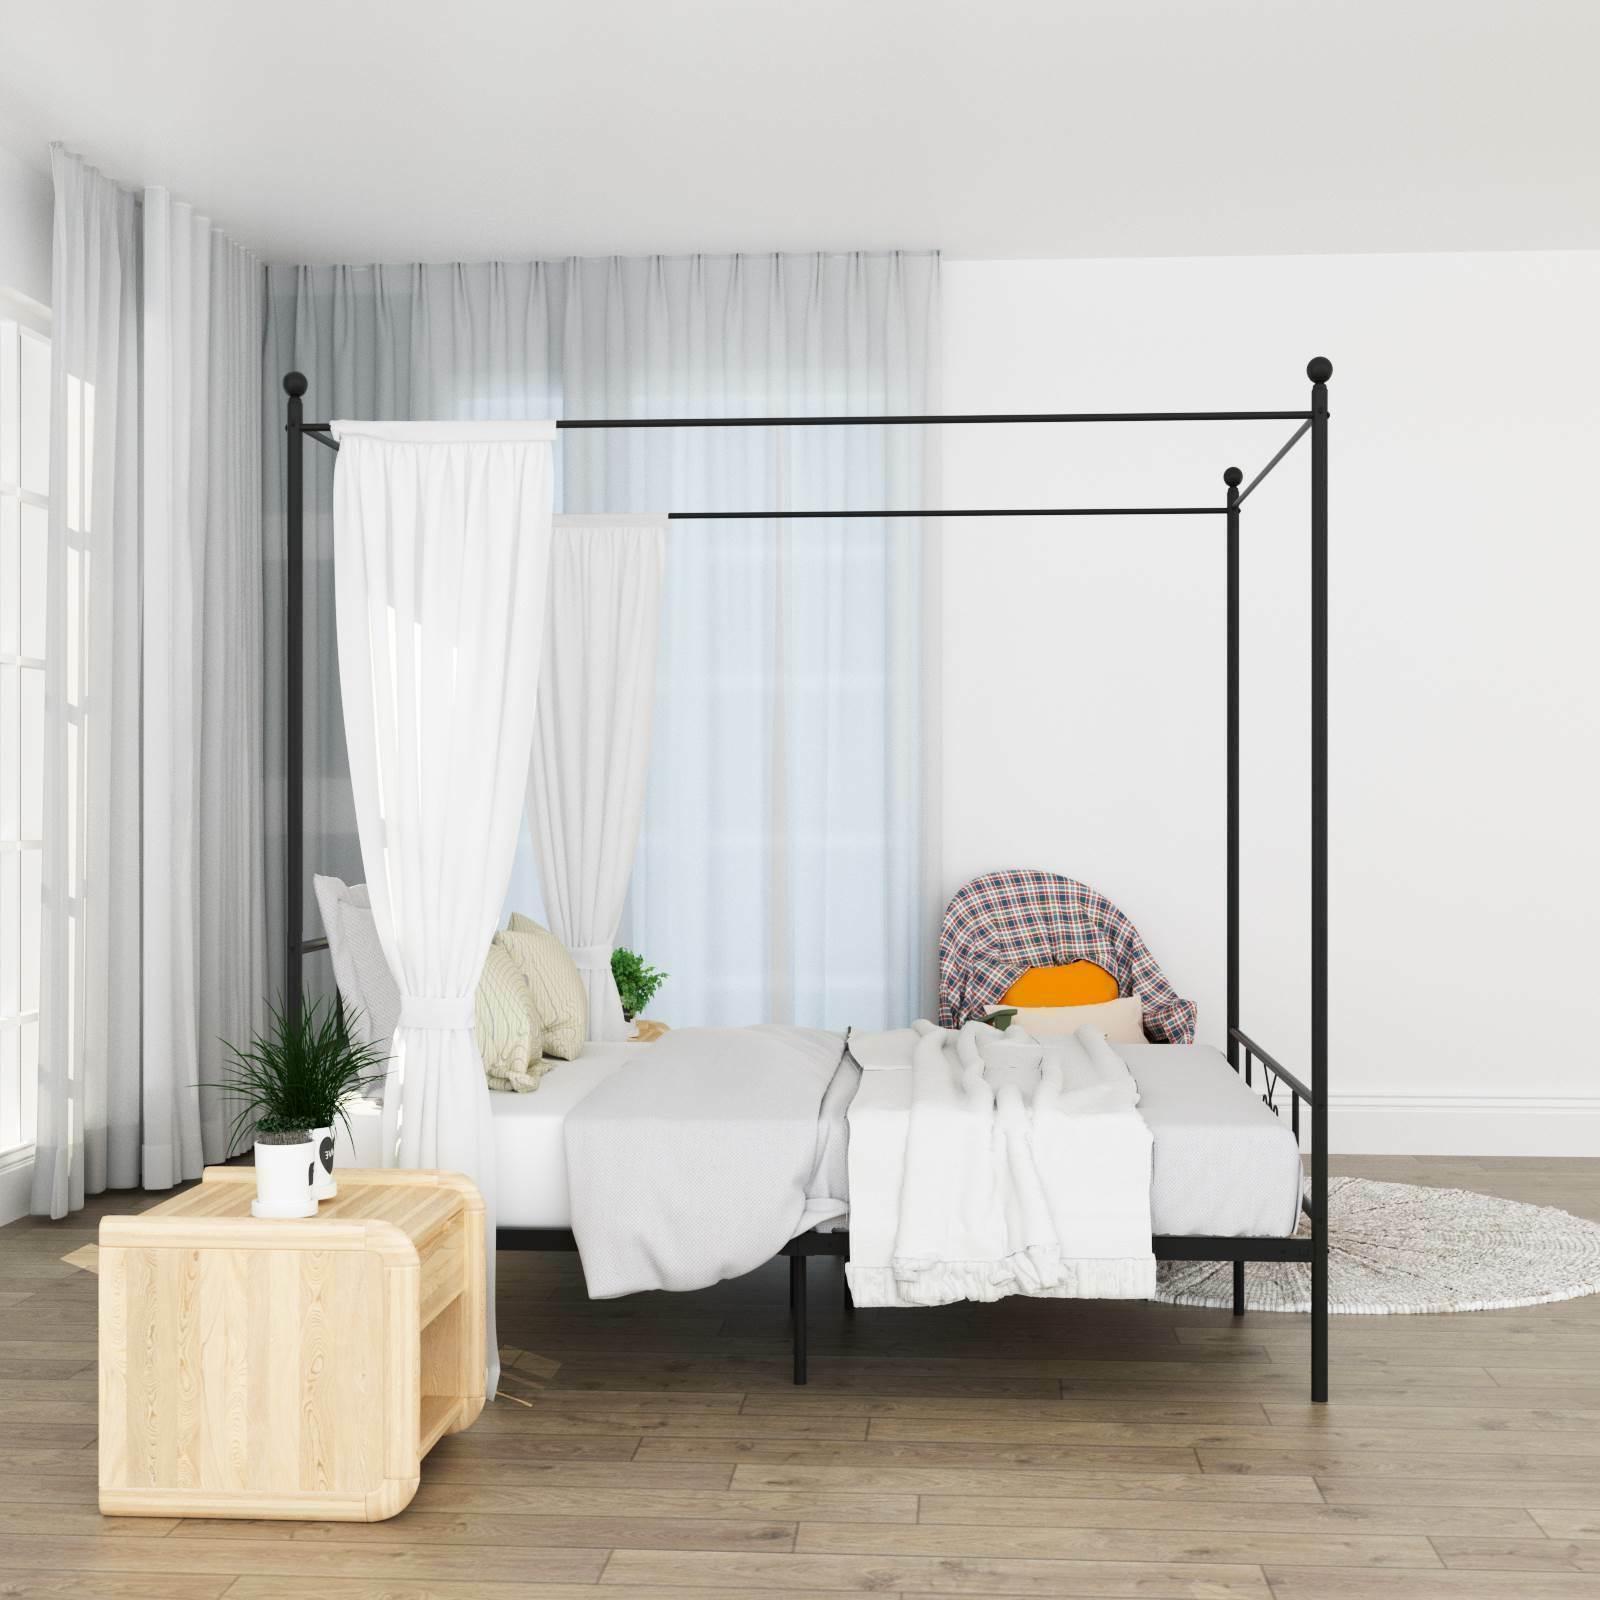 Queen Size 4 Post Metal Frame Bedroom with Headboard